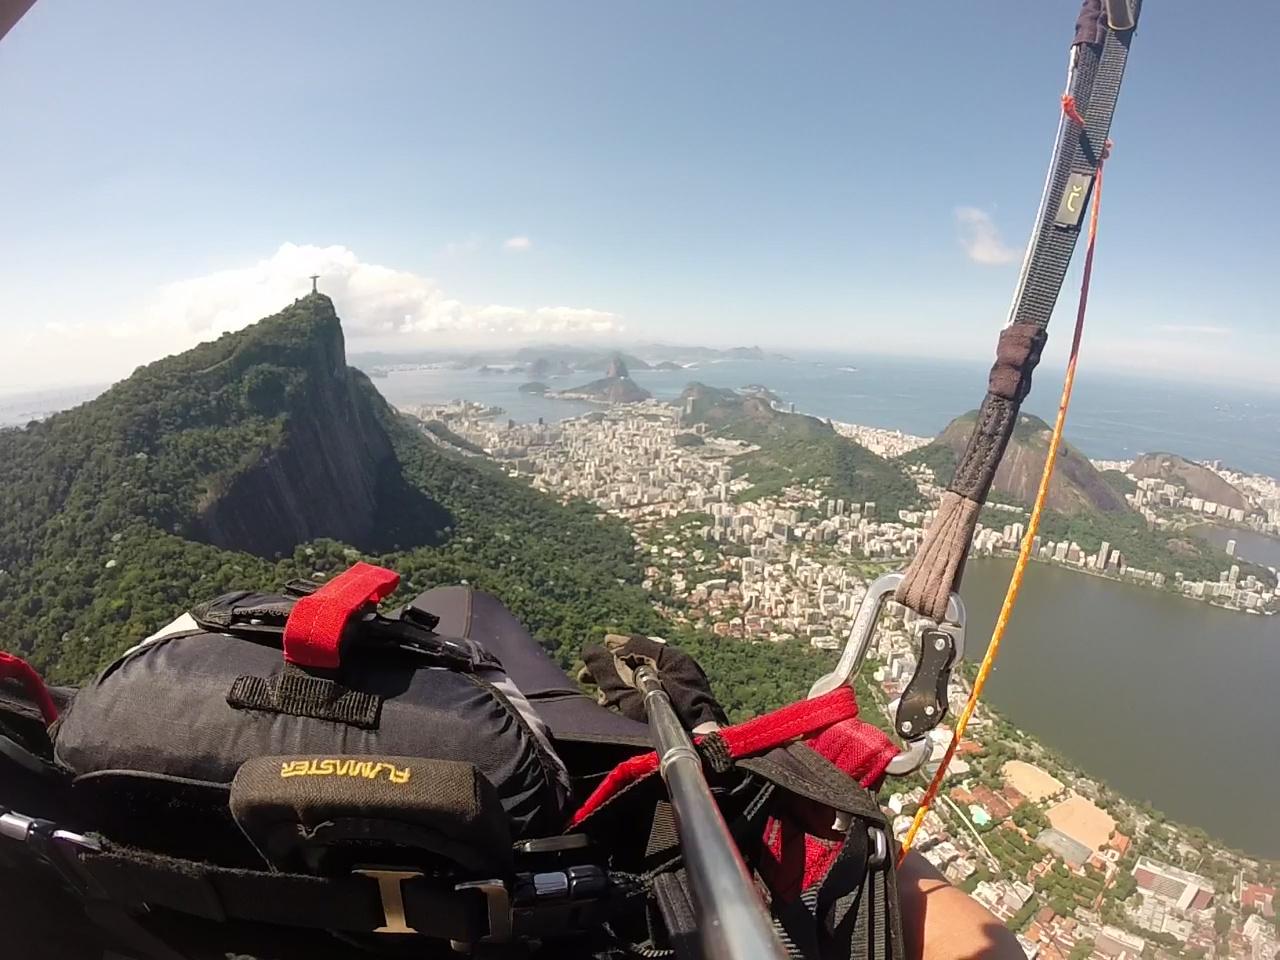 Corcovado Rio de janeiro parapente